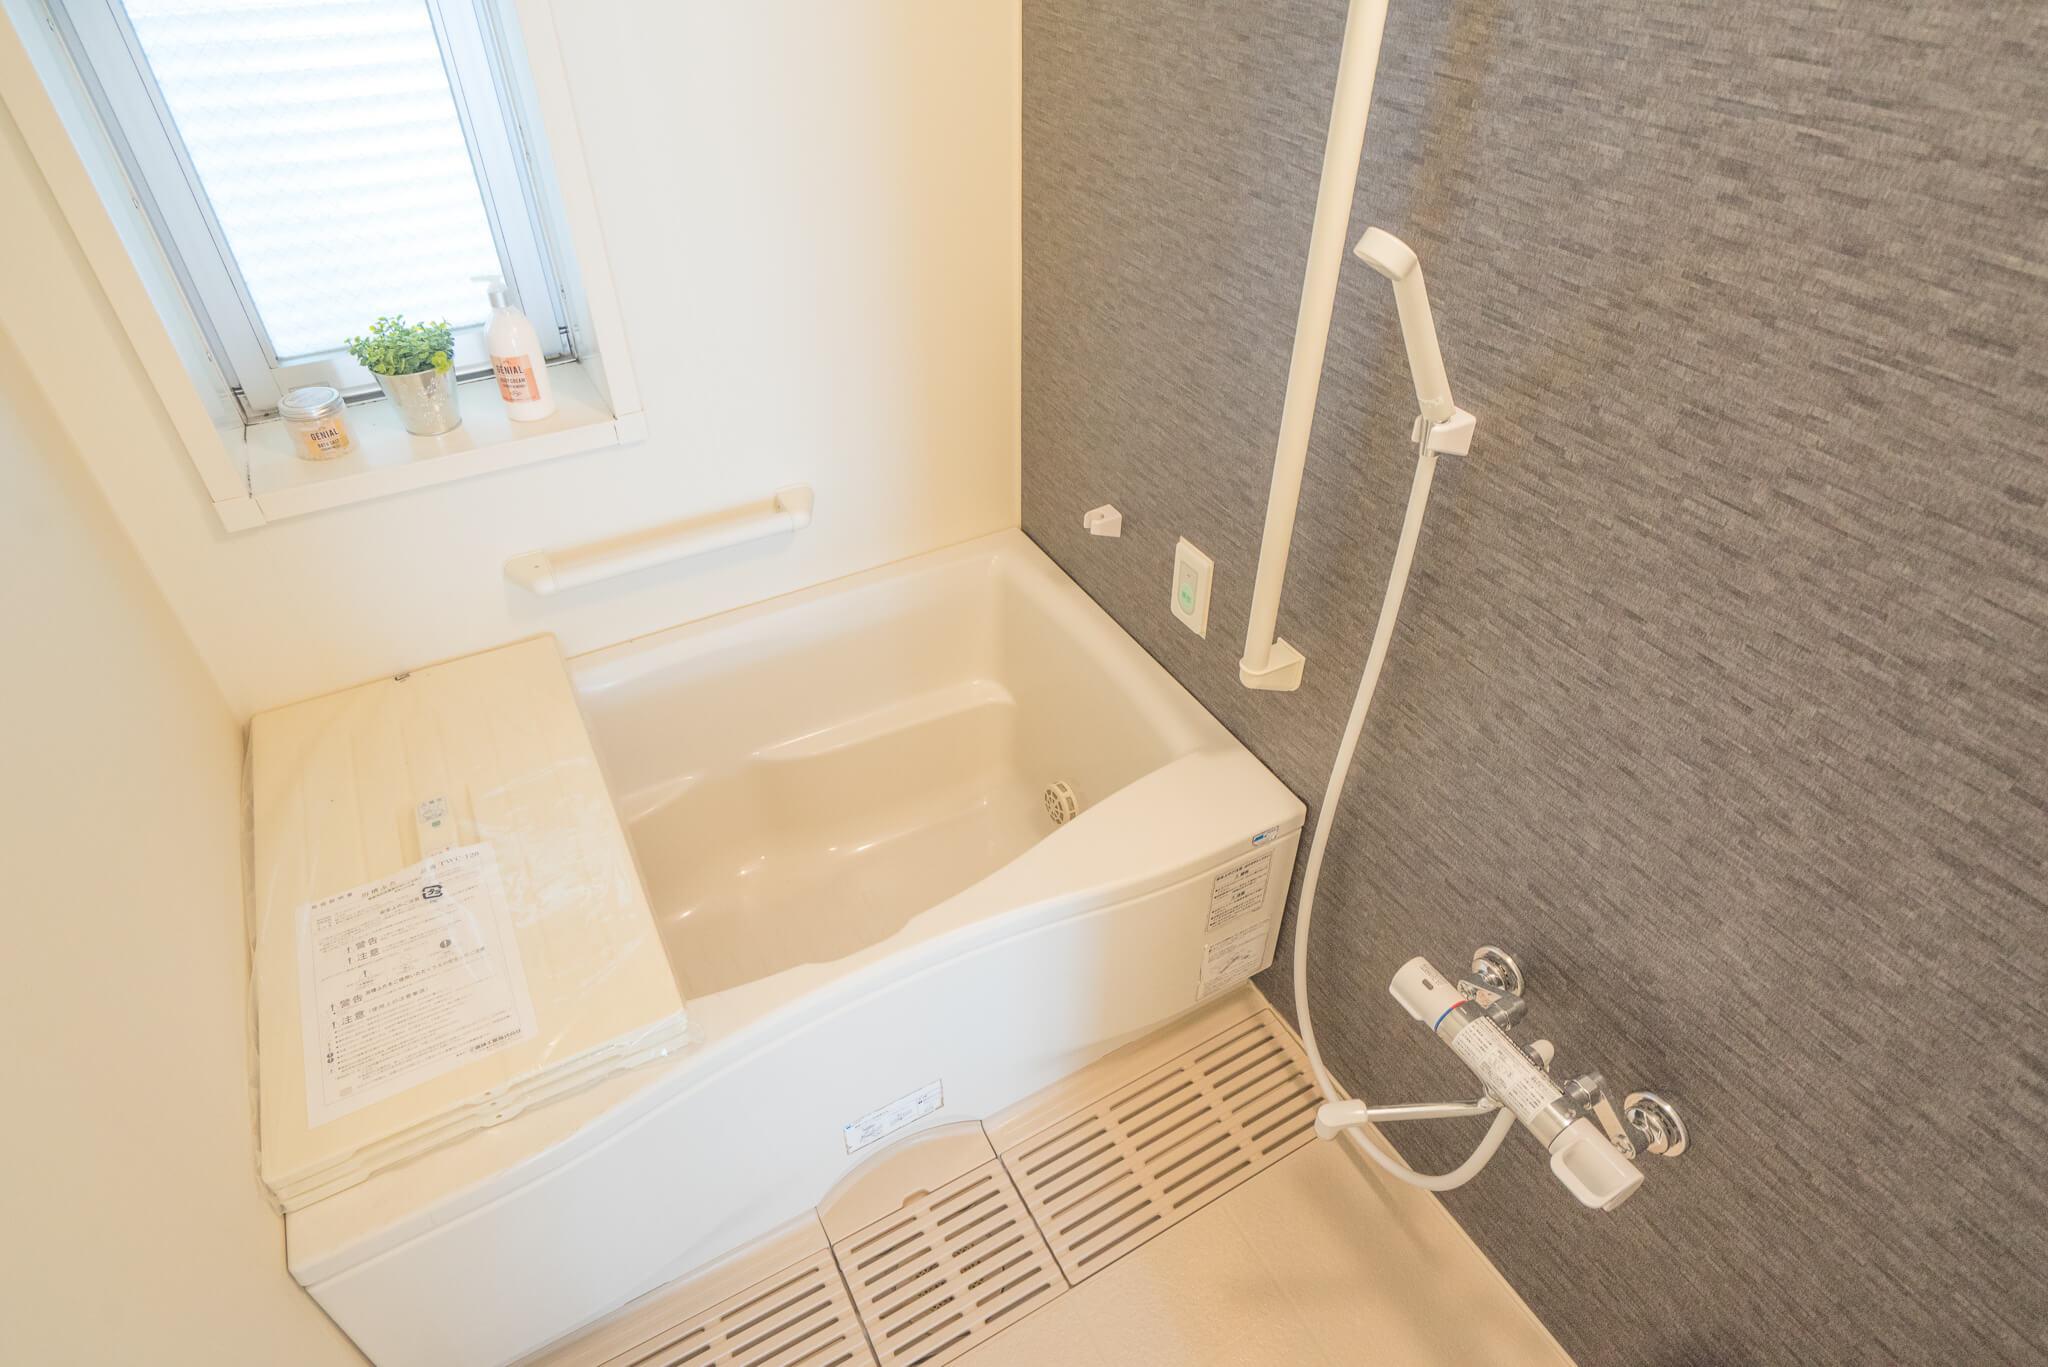 お風呂場も、デザインが良くて嬉しい。これは、ゆっくり疲れが癒せそうです。